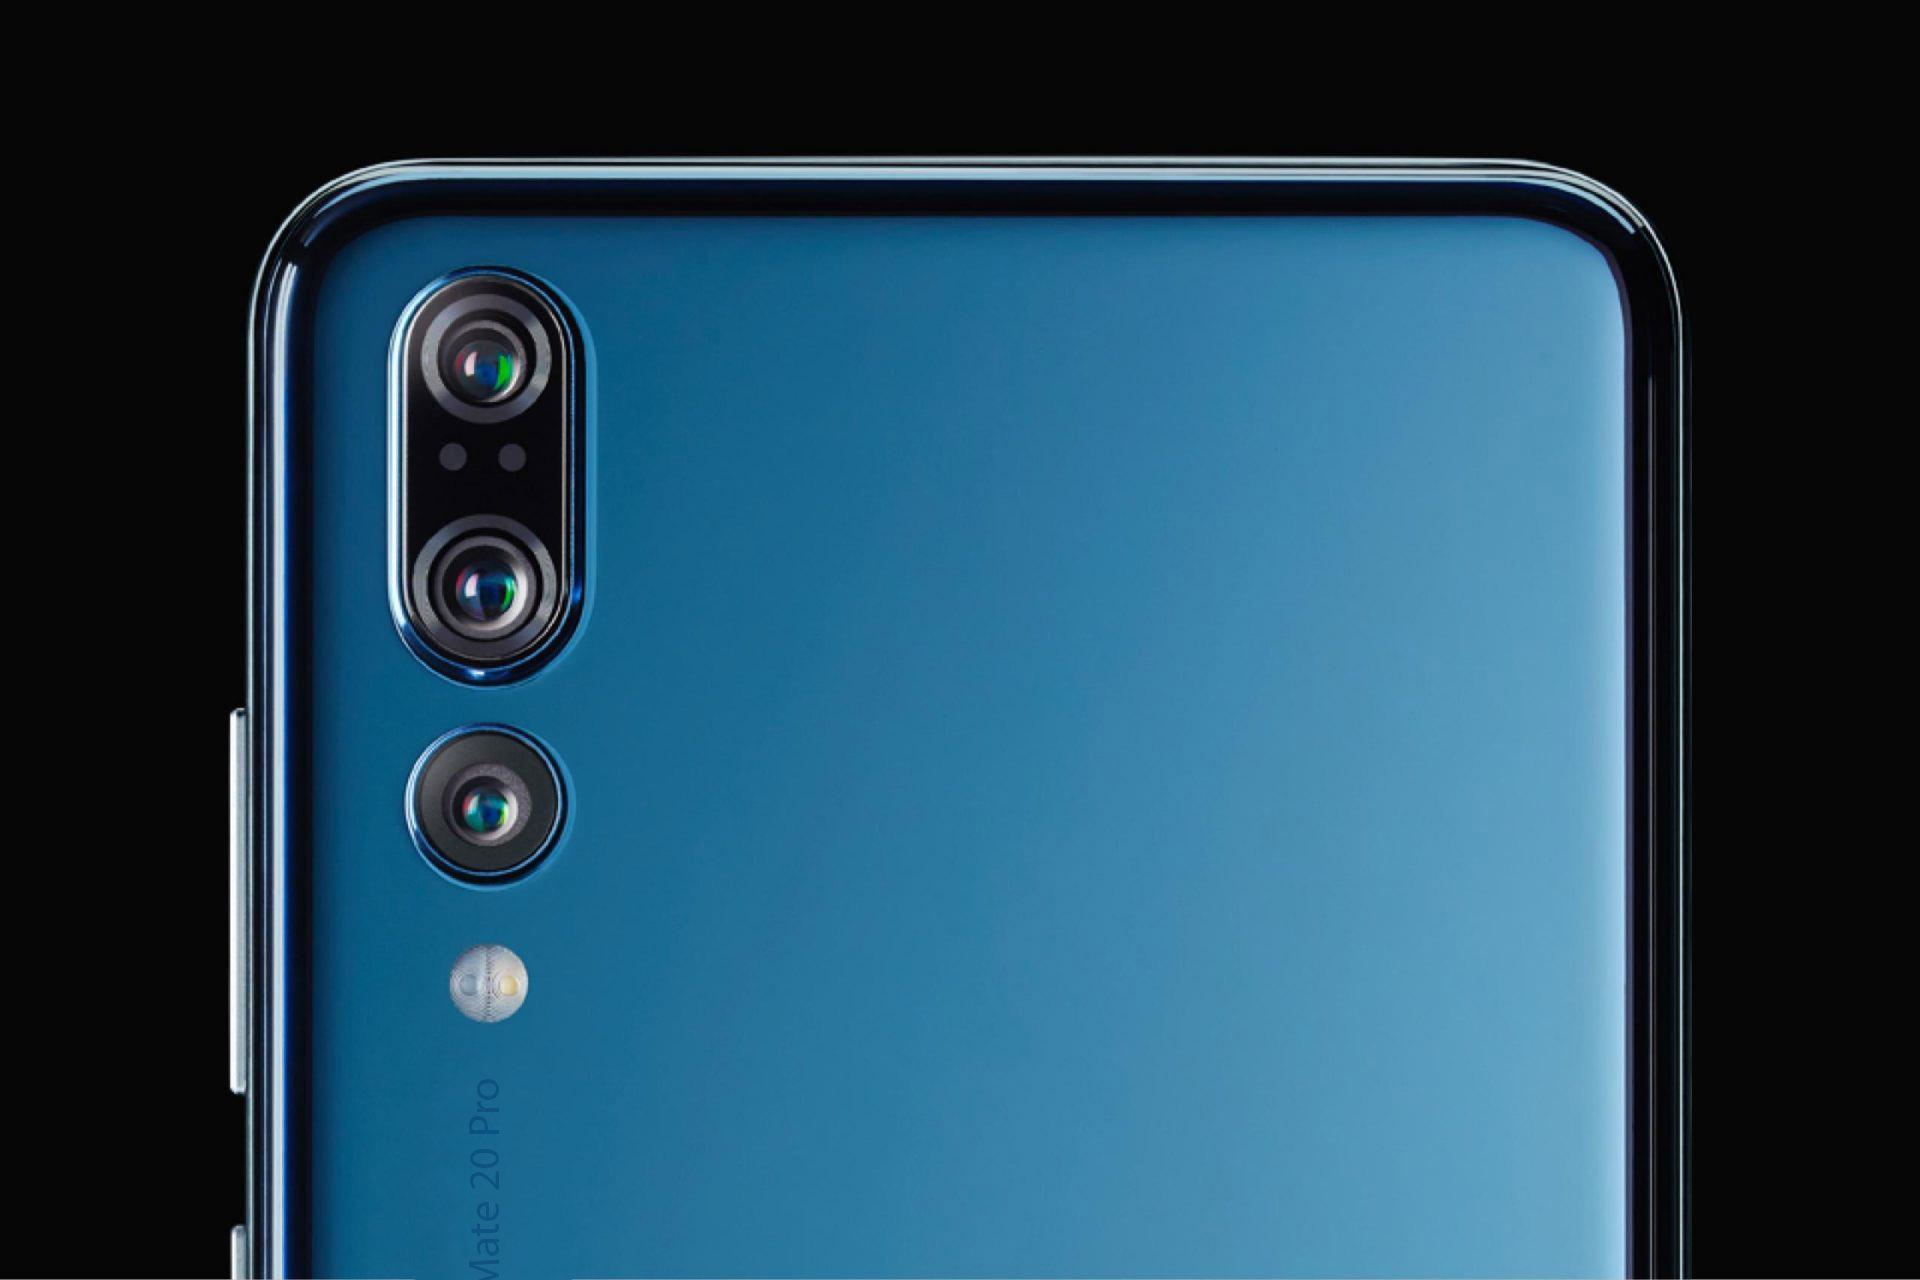 Новый смартфон Huawei Mate 20 с операционной системой Android 9.0 Pie будет доступен уже в конце сентября по цене 999$...